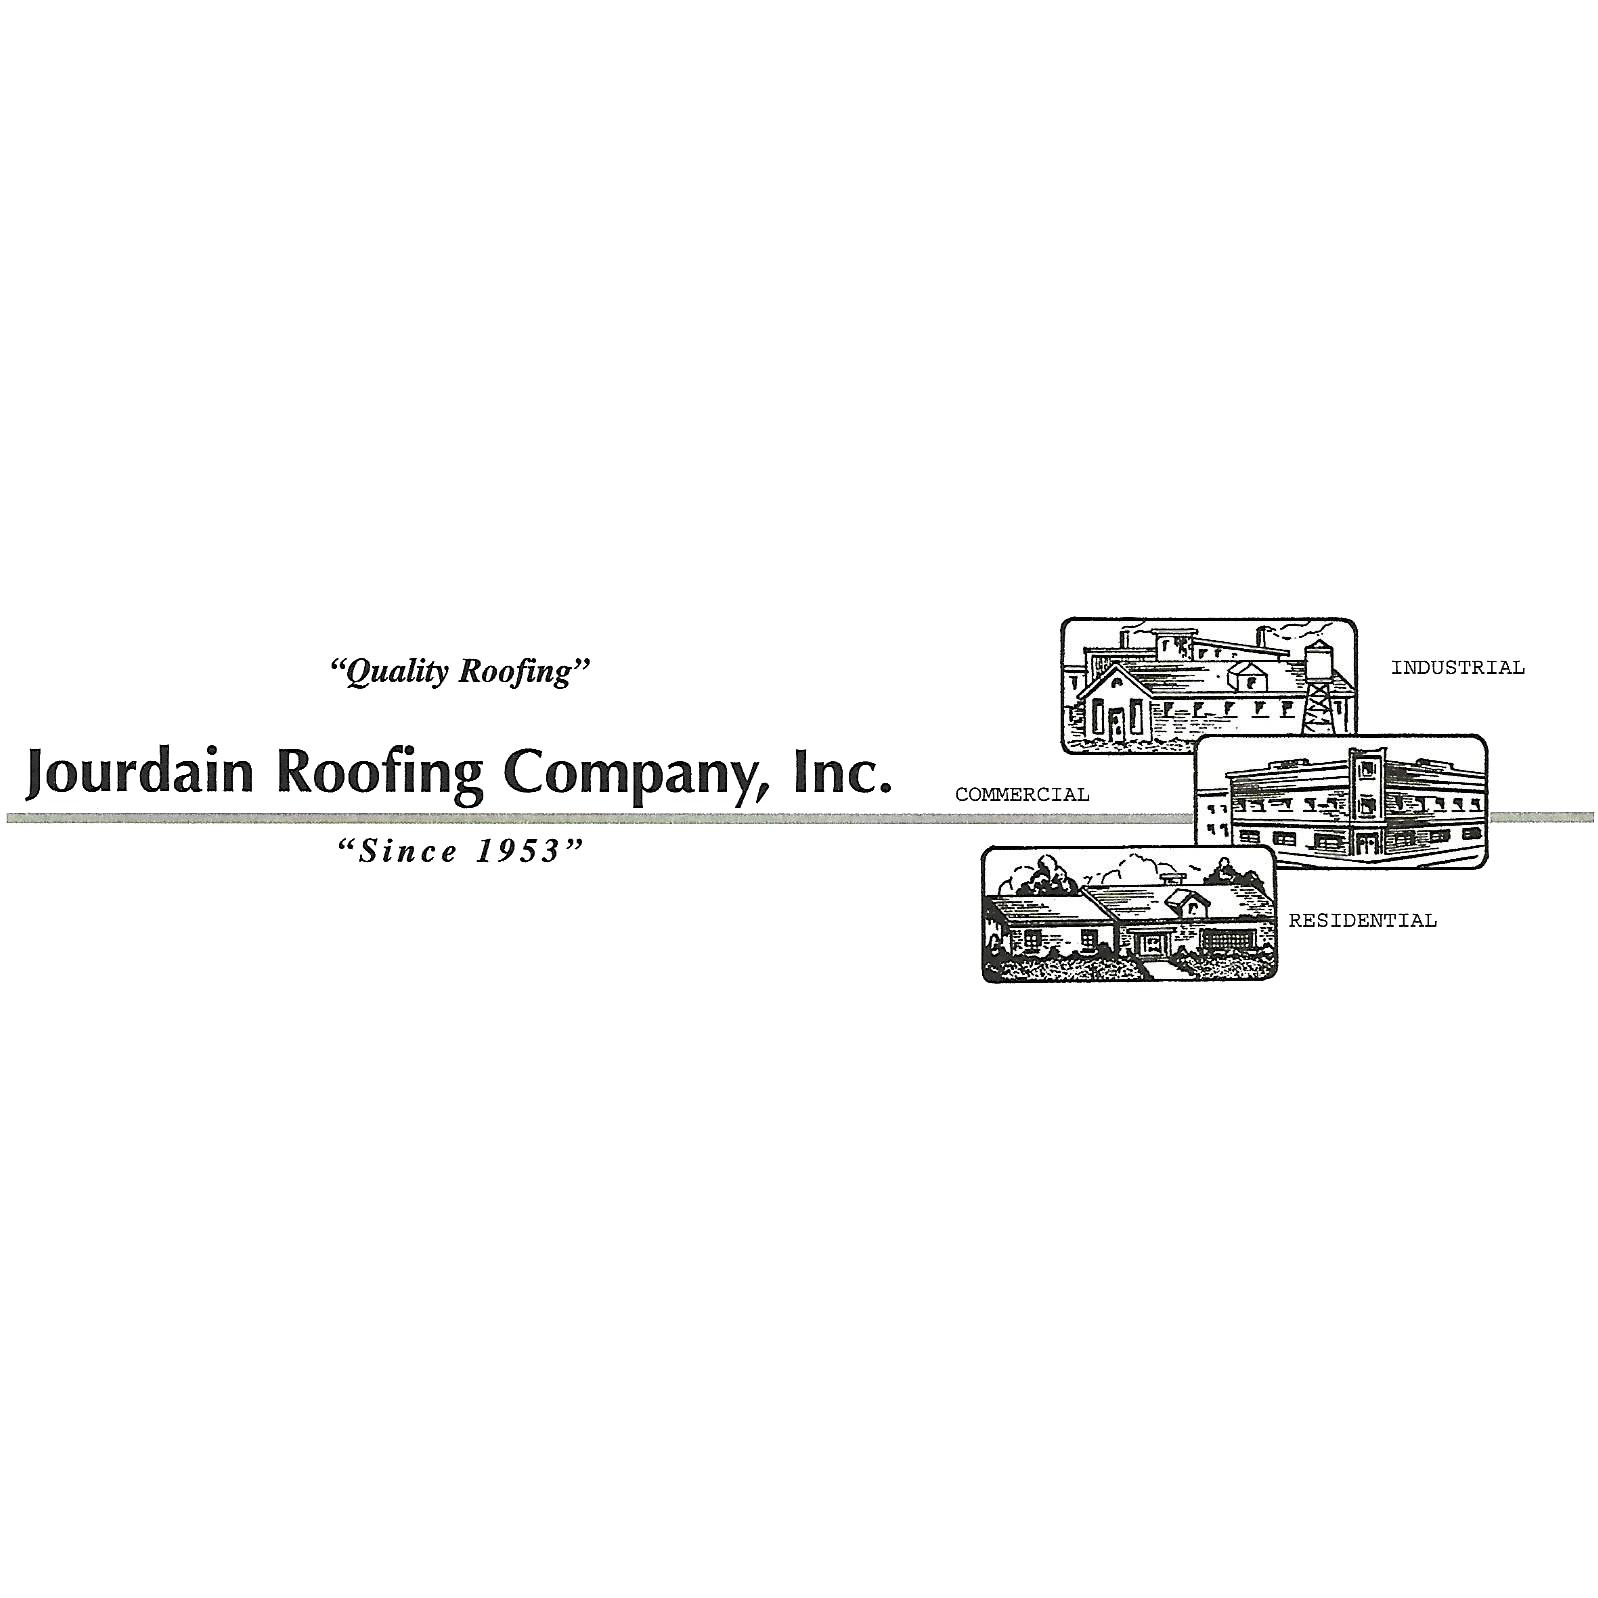 Jourdain Roofing Co